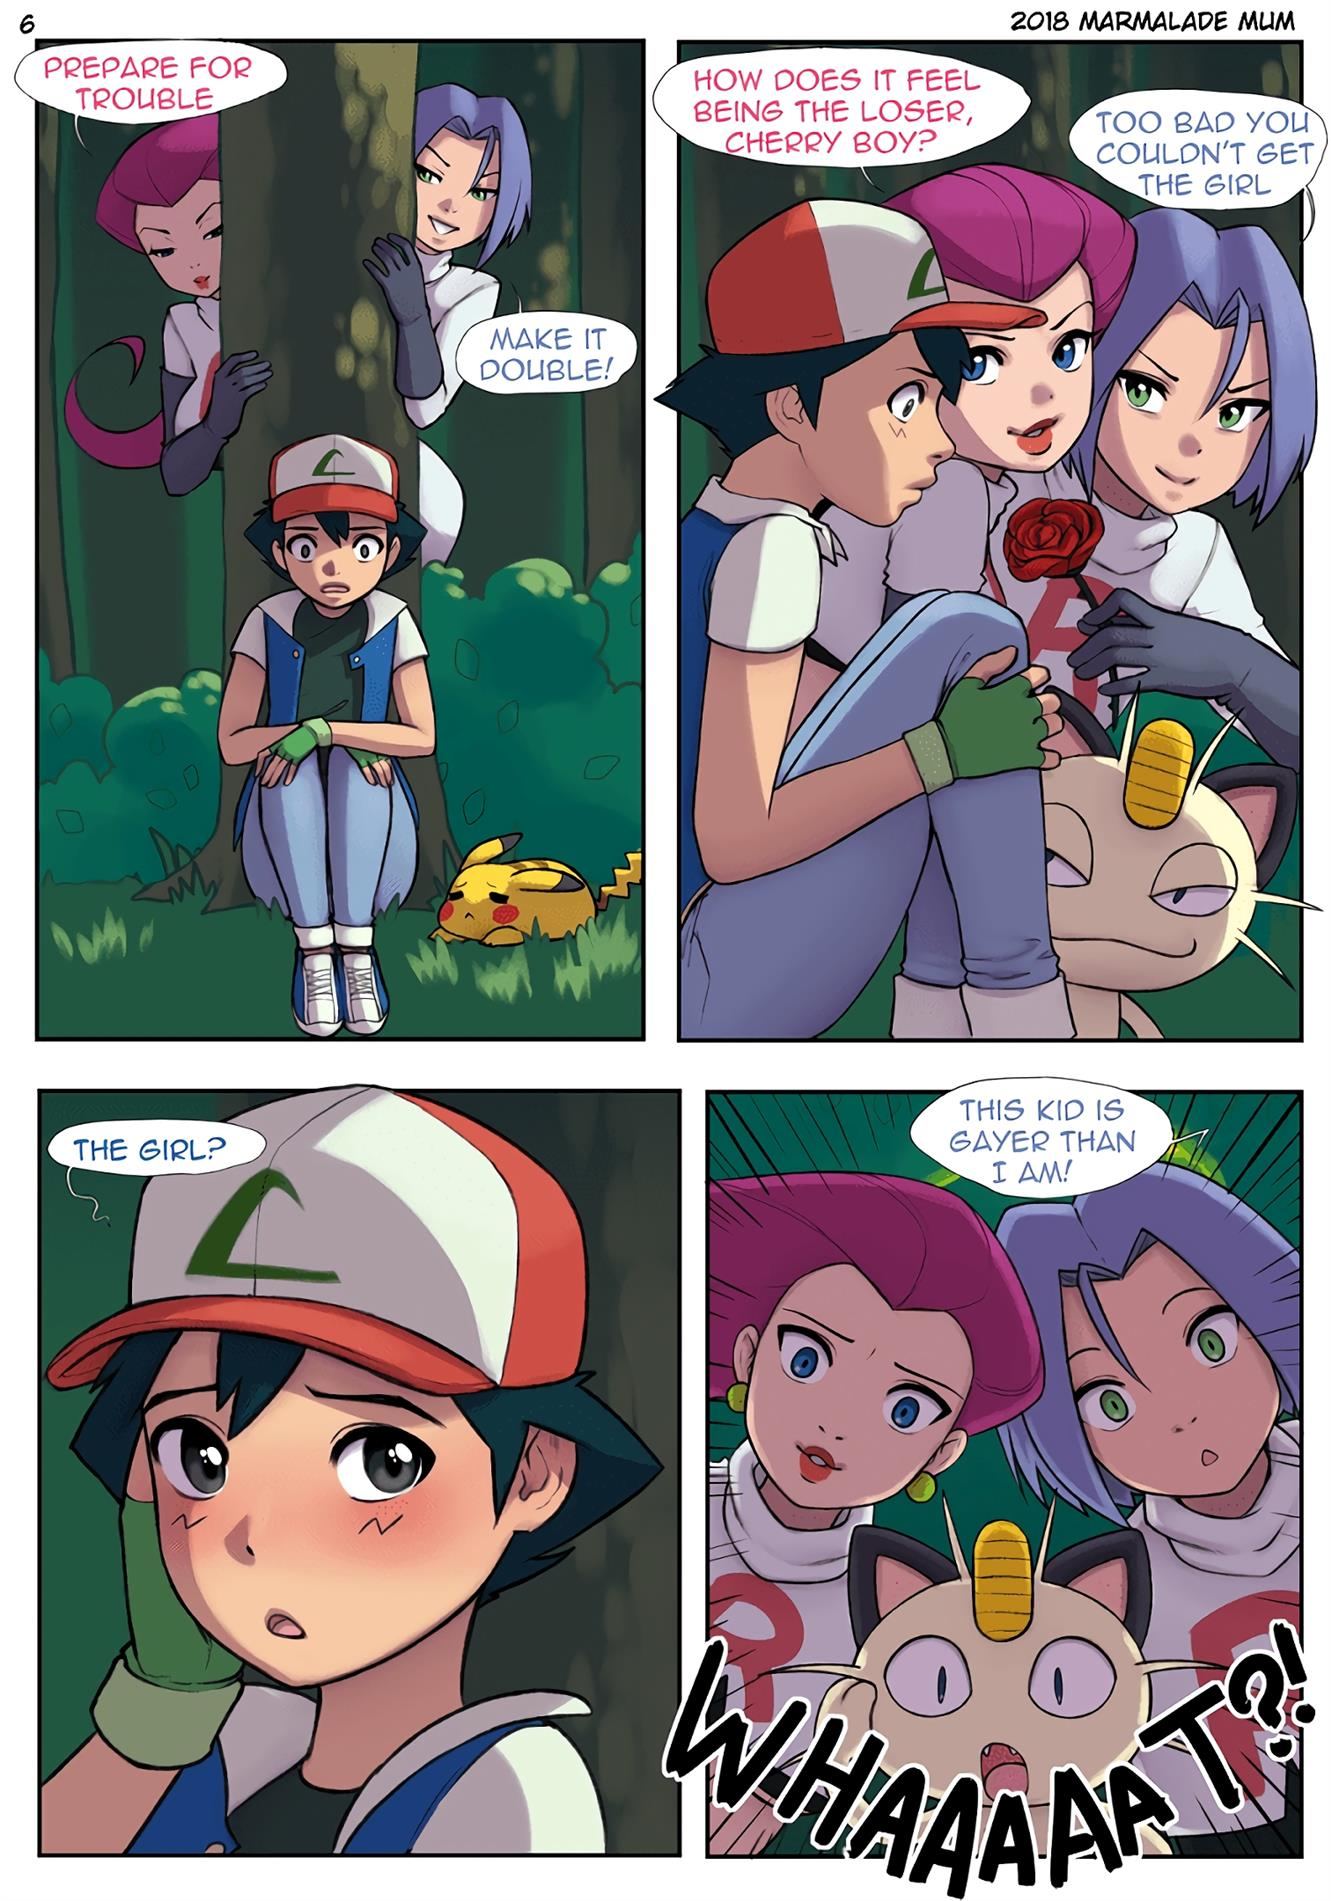 Pokiemen – Futa League (Pokemon) [Marmalade Mum]